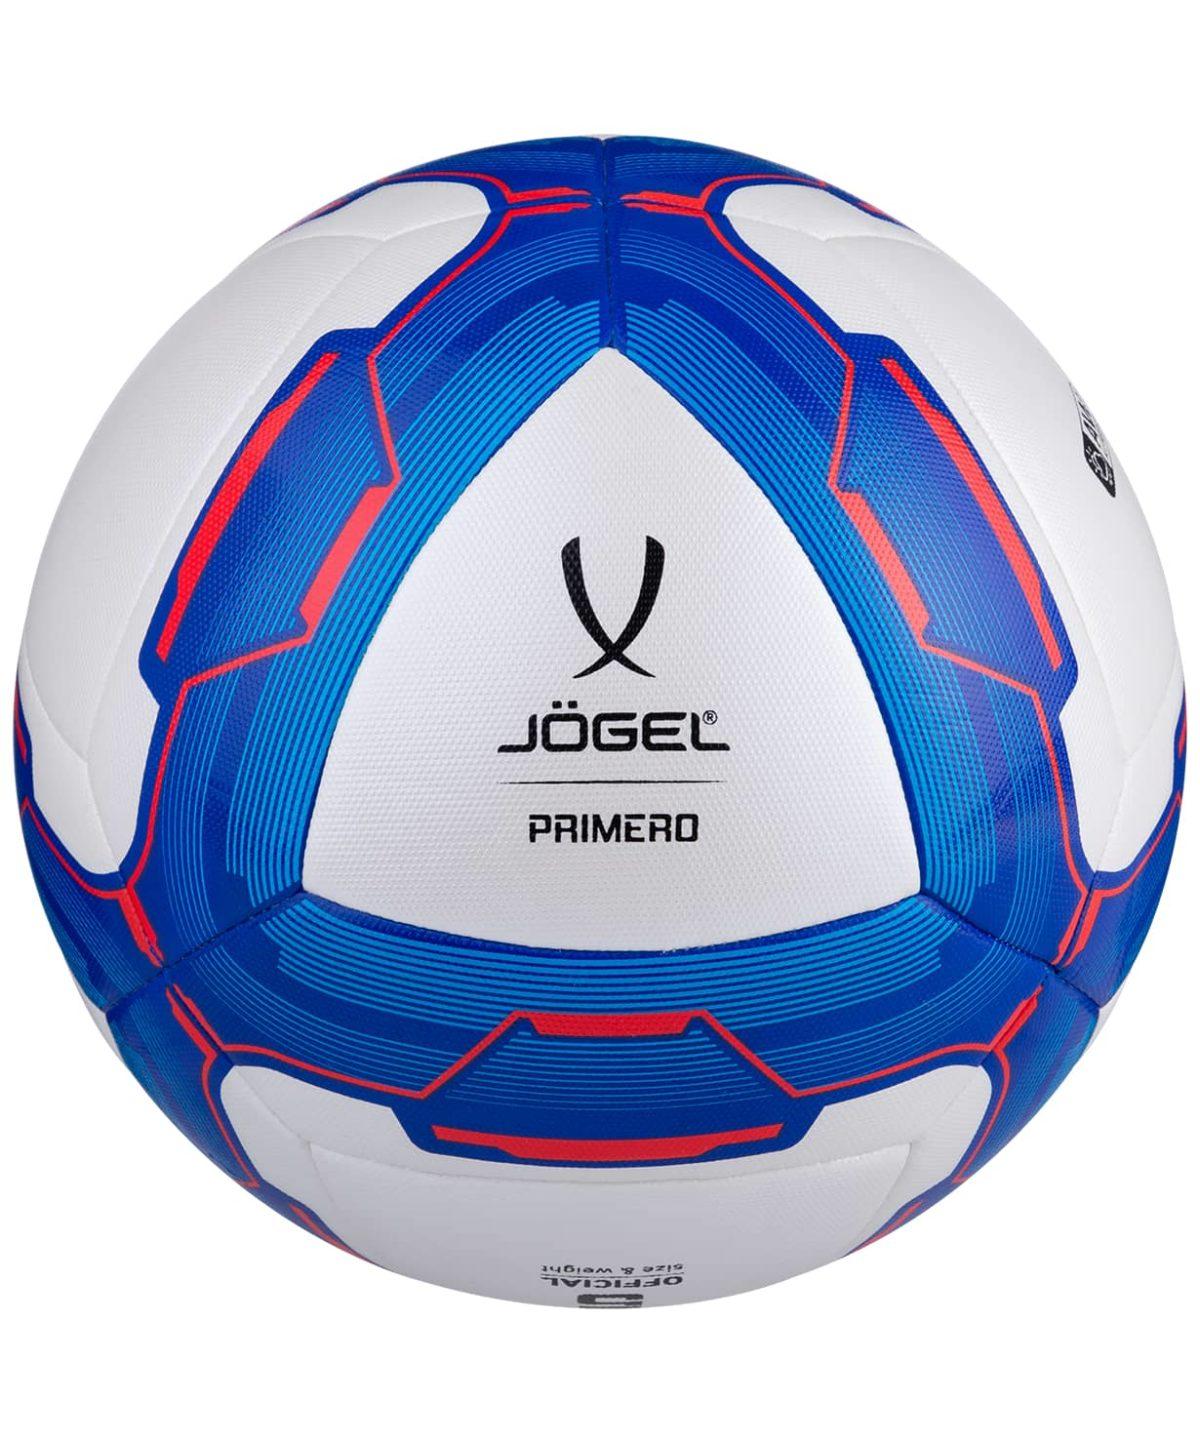 JOGEL Primero Мяч футбольный  Primero №5 (BC20) - 1